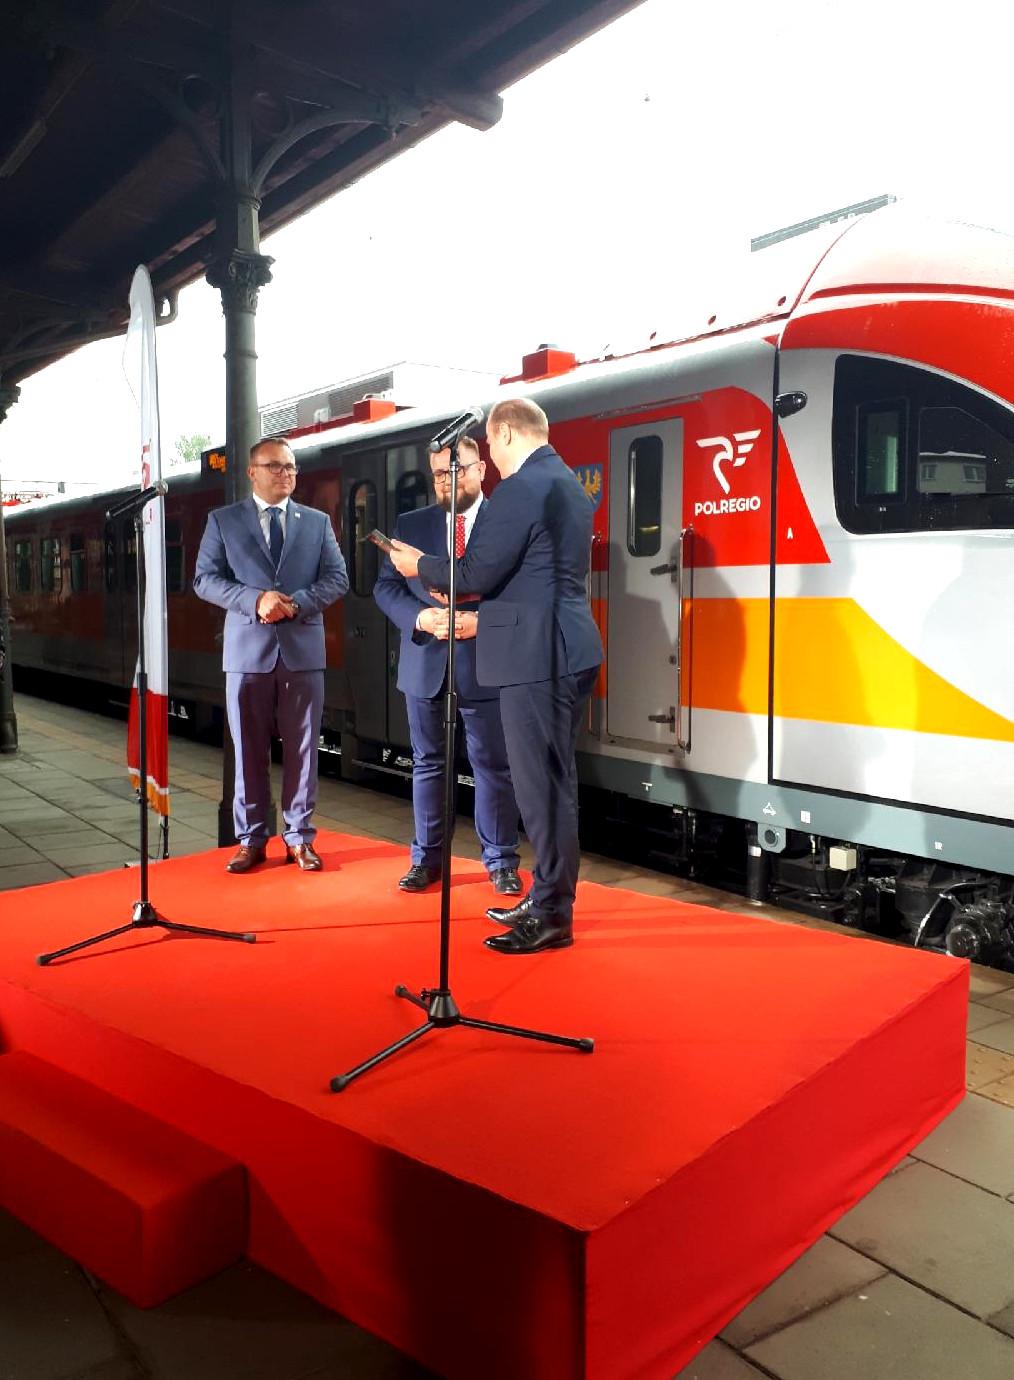 POLREGIO odebrało już zmodernizowane ED72 dla województwa opolskiego